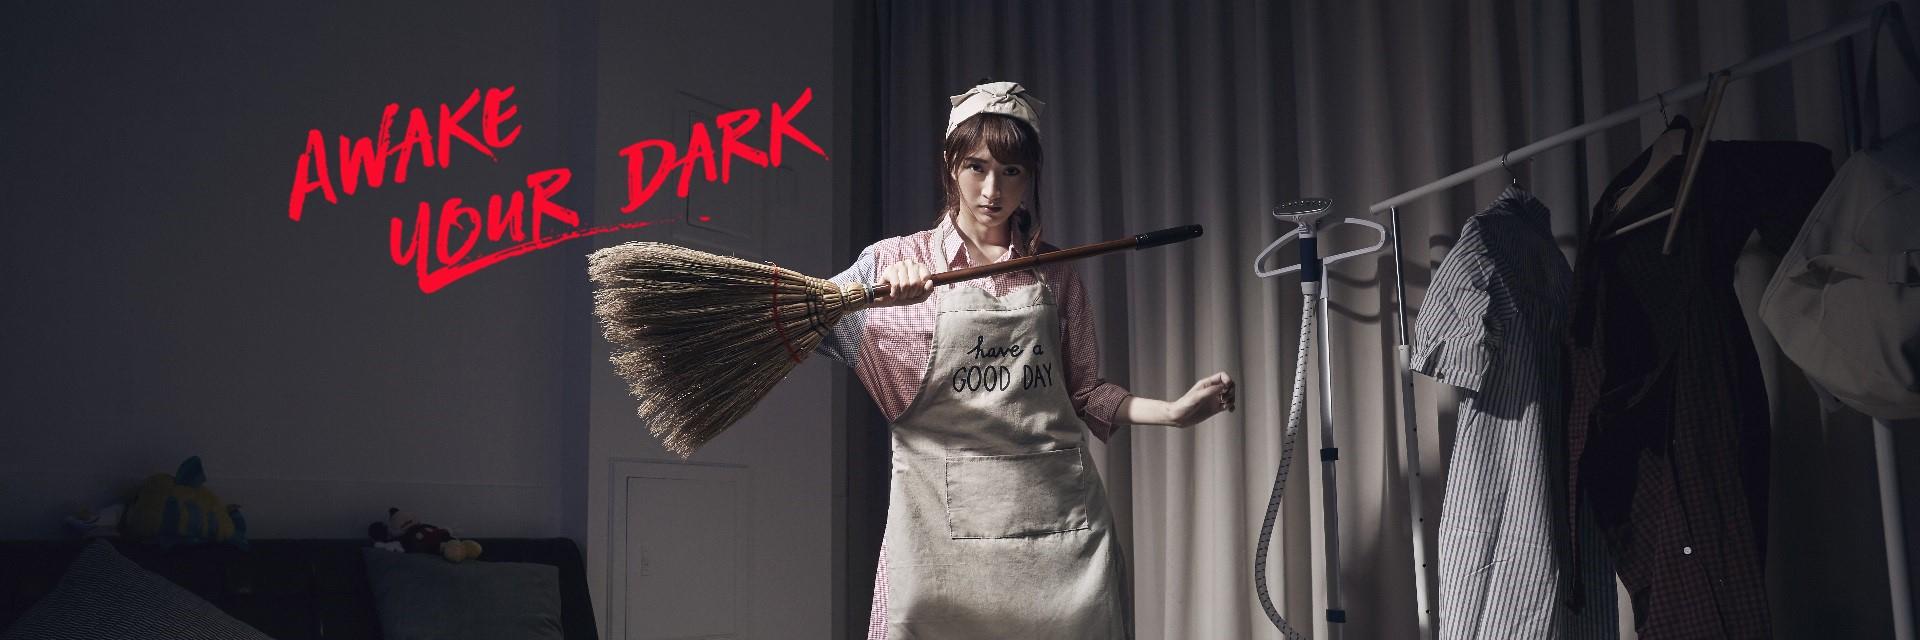 甜心實況主的黑暗面!小熊 Yuniko 透露私底下竟然會……網友:完全嚇瘋!